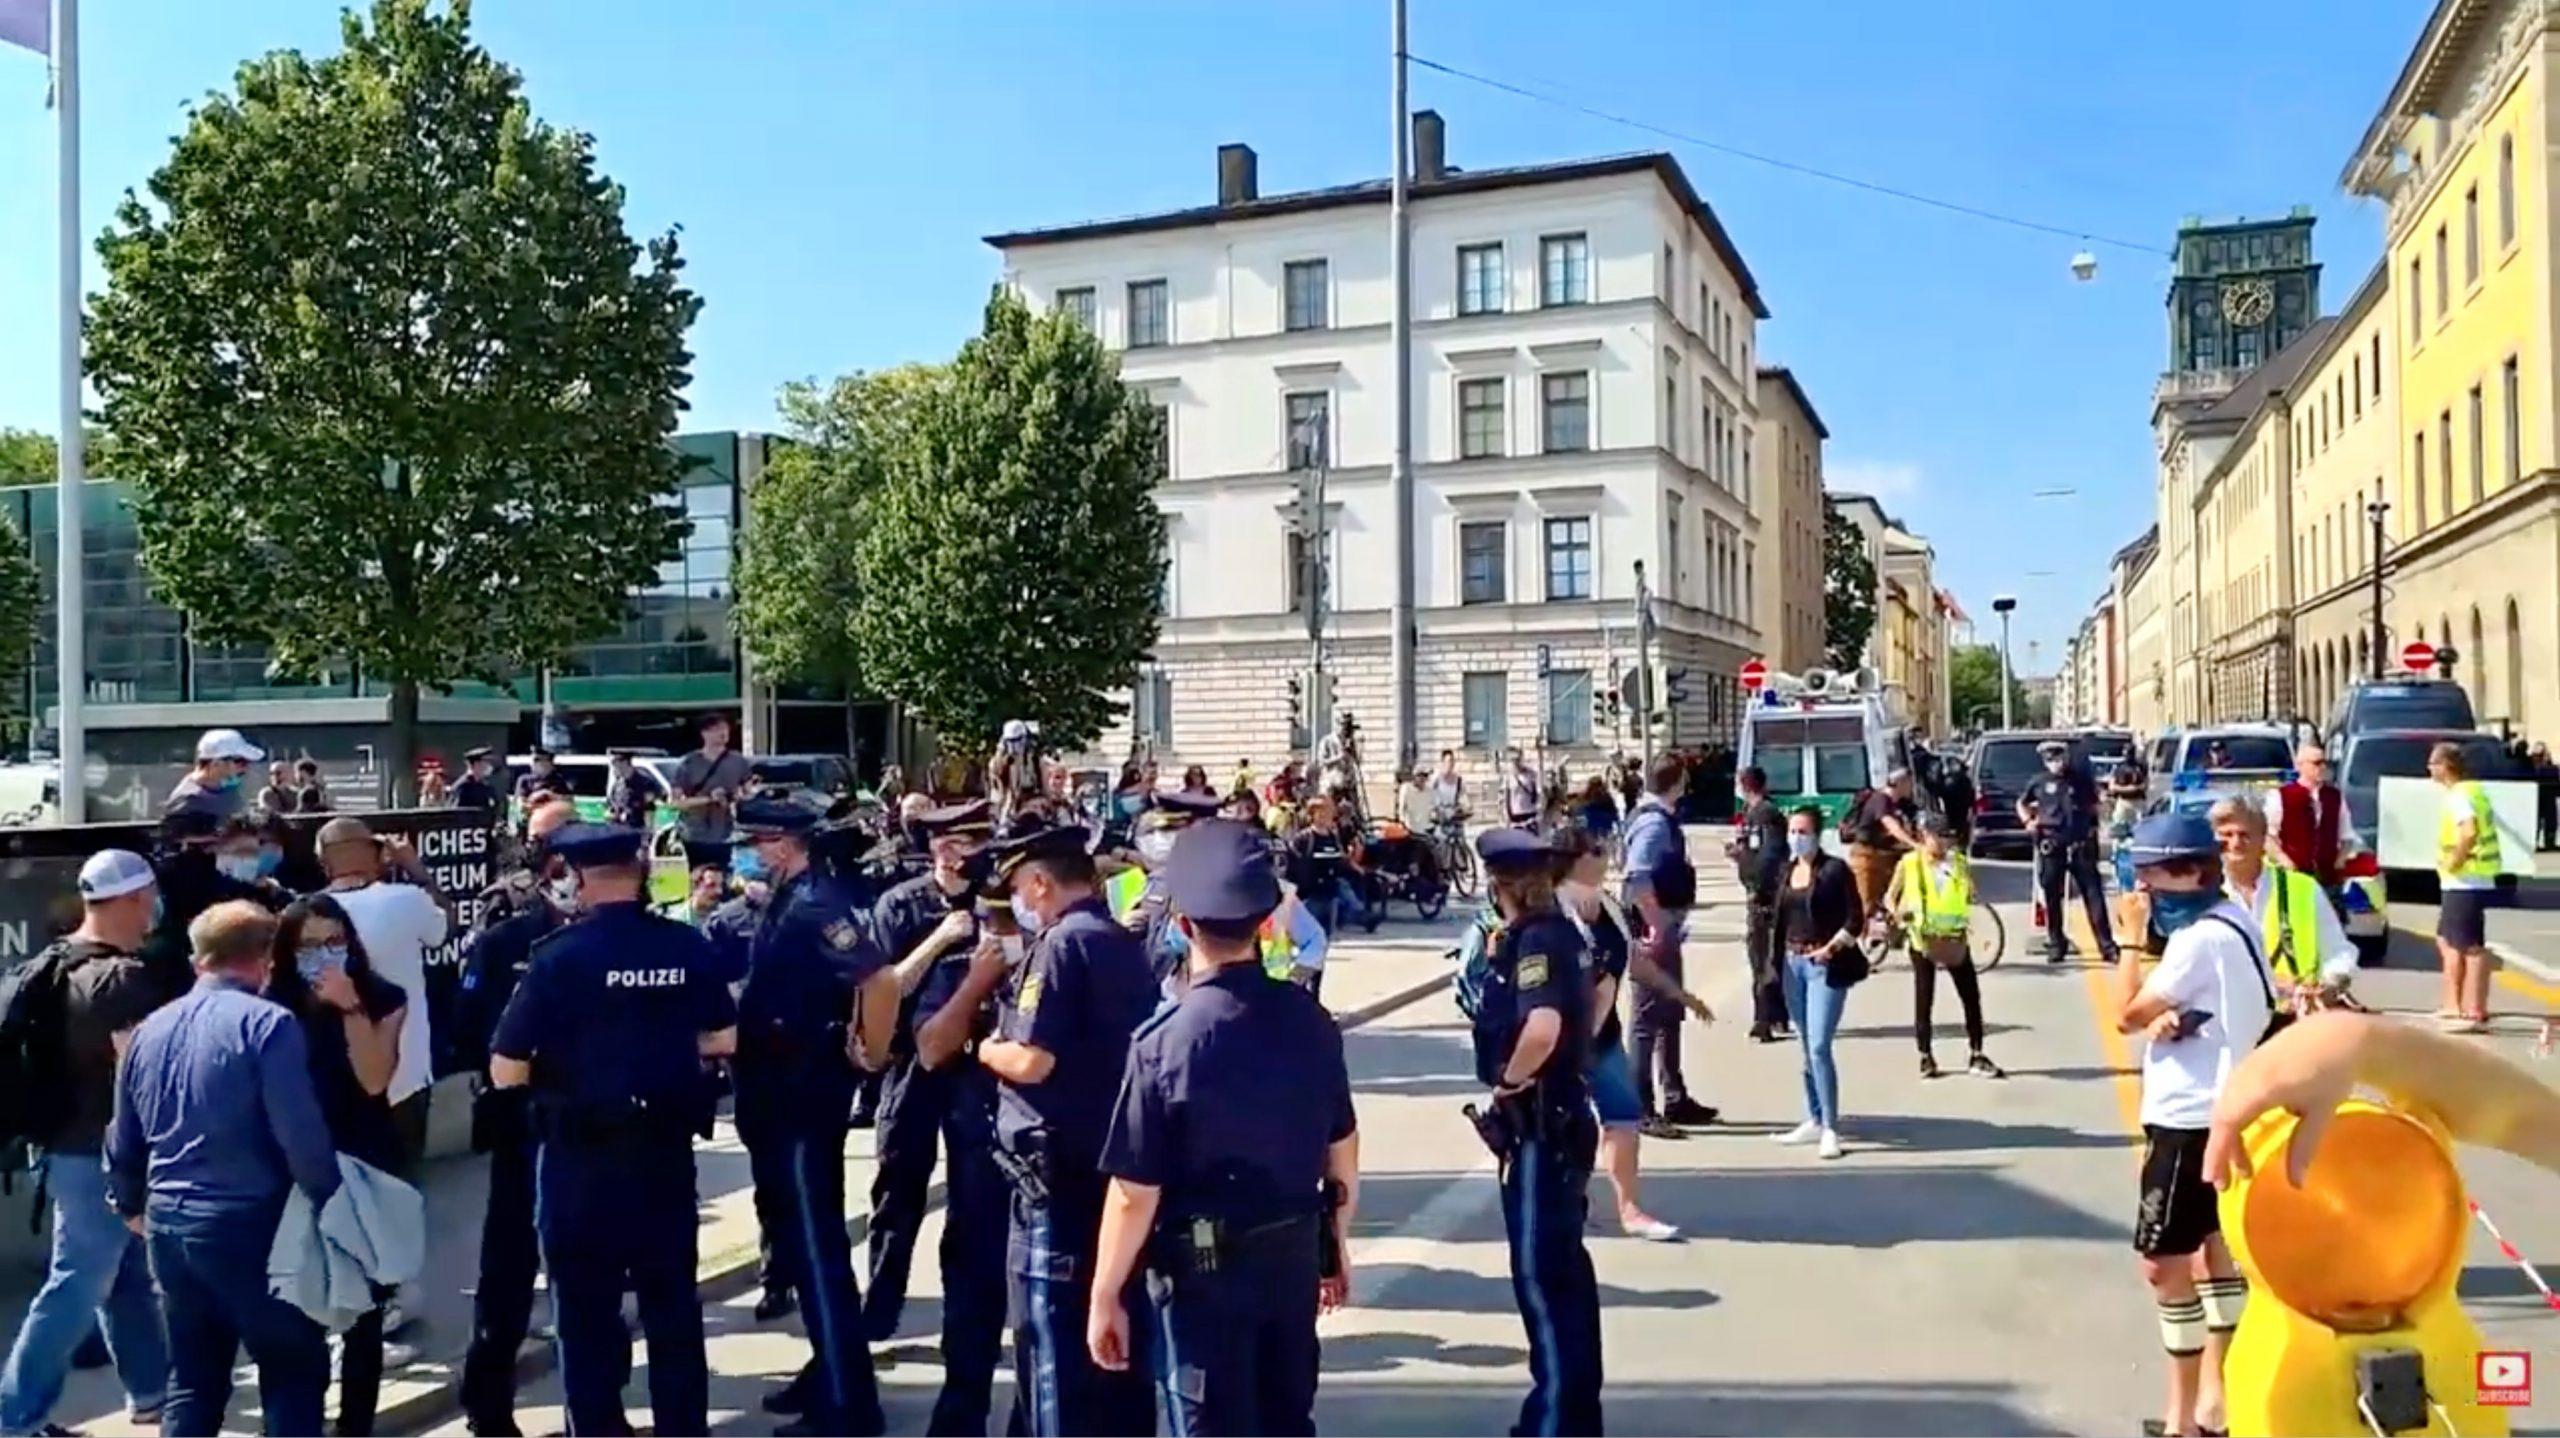 Querdenken-Anwalt Markus Haintz: Fundamentale Rechte sollten nicht erst eingeklagt werden müssen